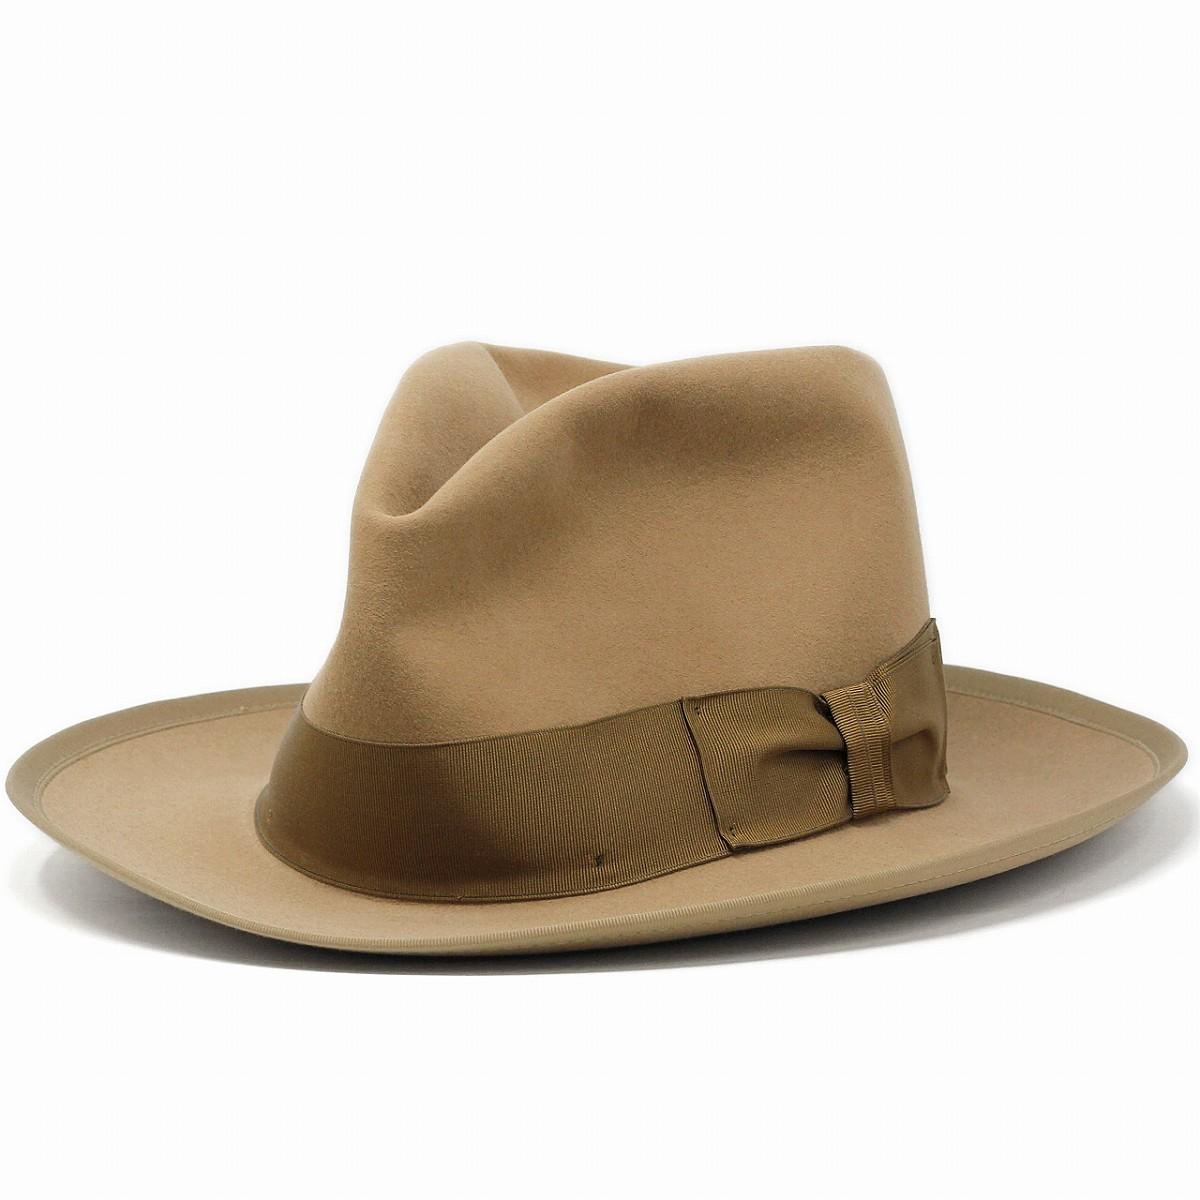 ステットソン ステットソニアン STETSONIAN オープンクラウンハット ダービーハット ビンテージステットソン 復刻モデル フェルト帽 アメリカ製 ボーラーハット ボーラーハット ファーフェルトハット 58cm 60cm / ベージュ [ felt hat ] [ derby hat ]